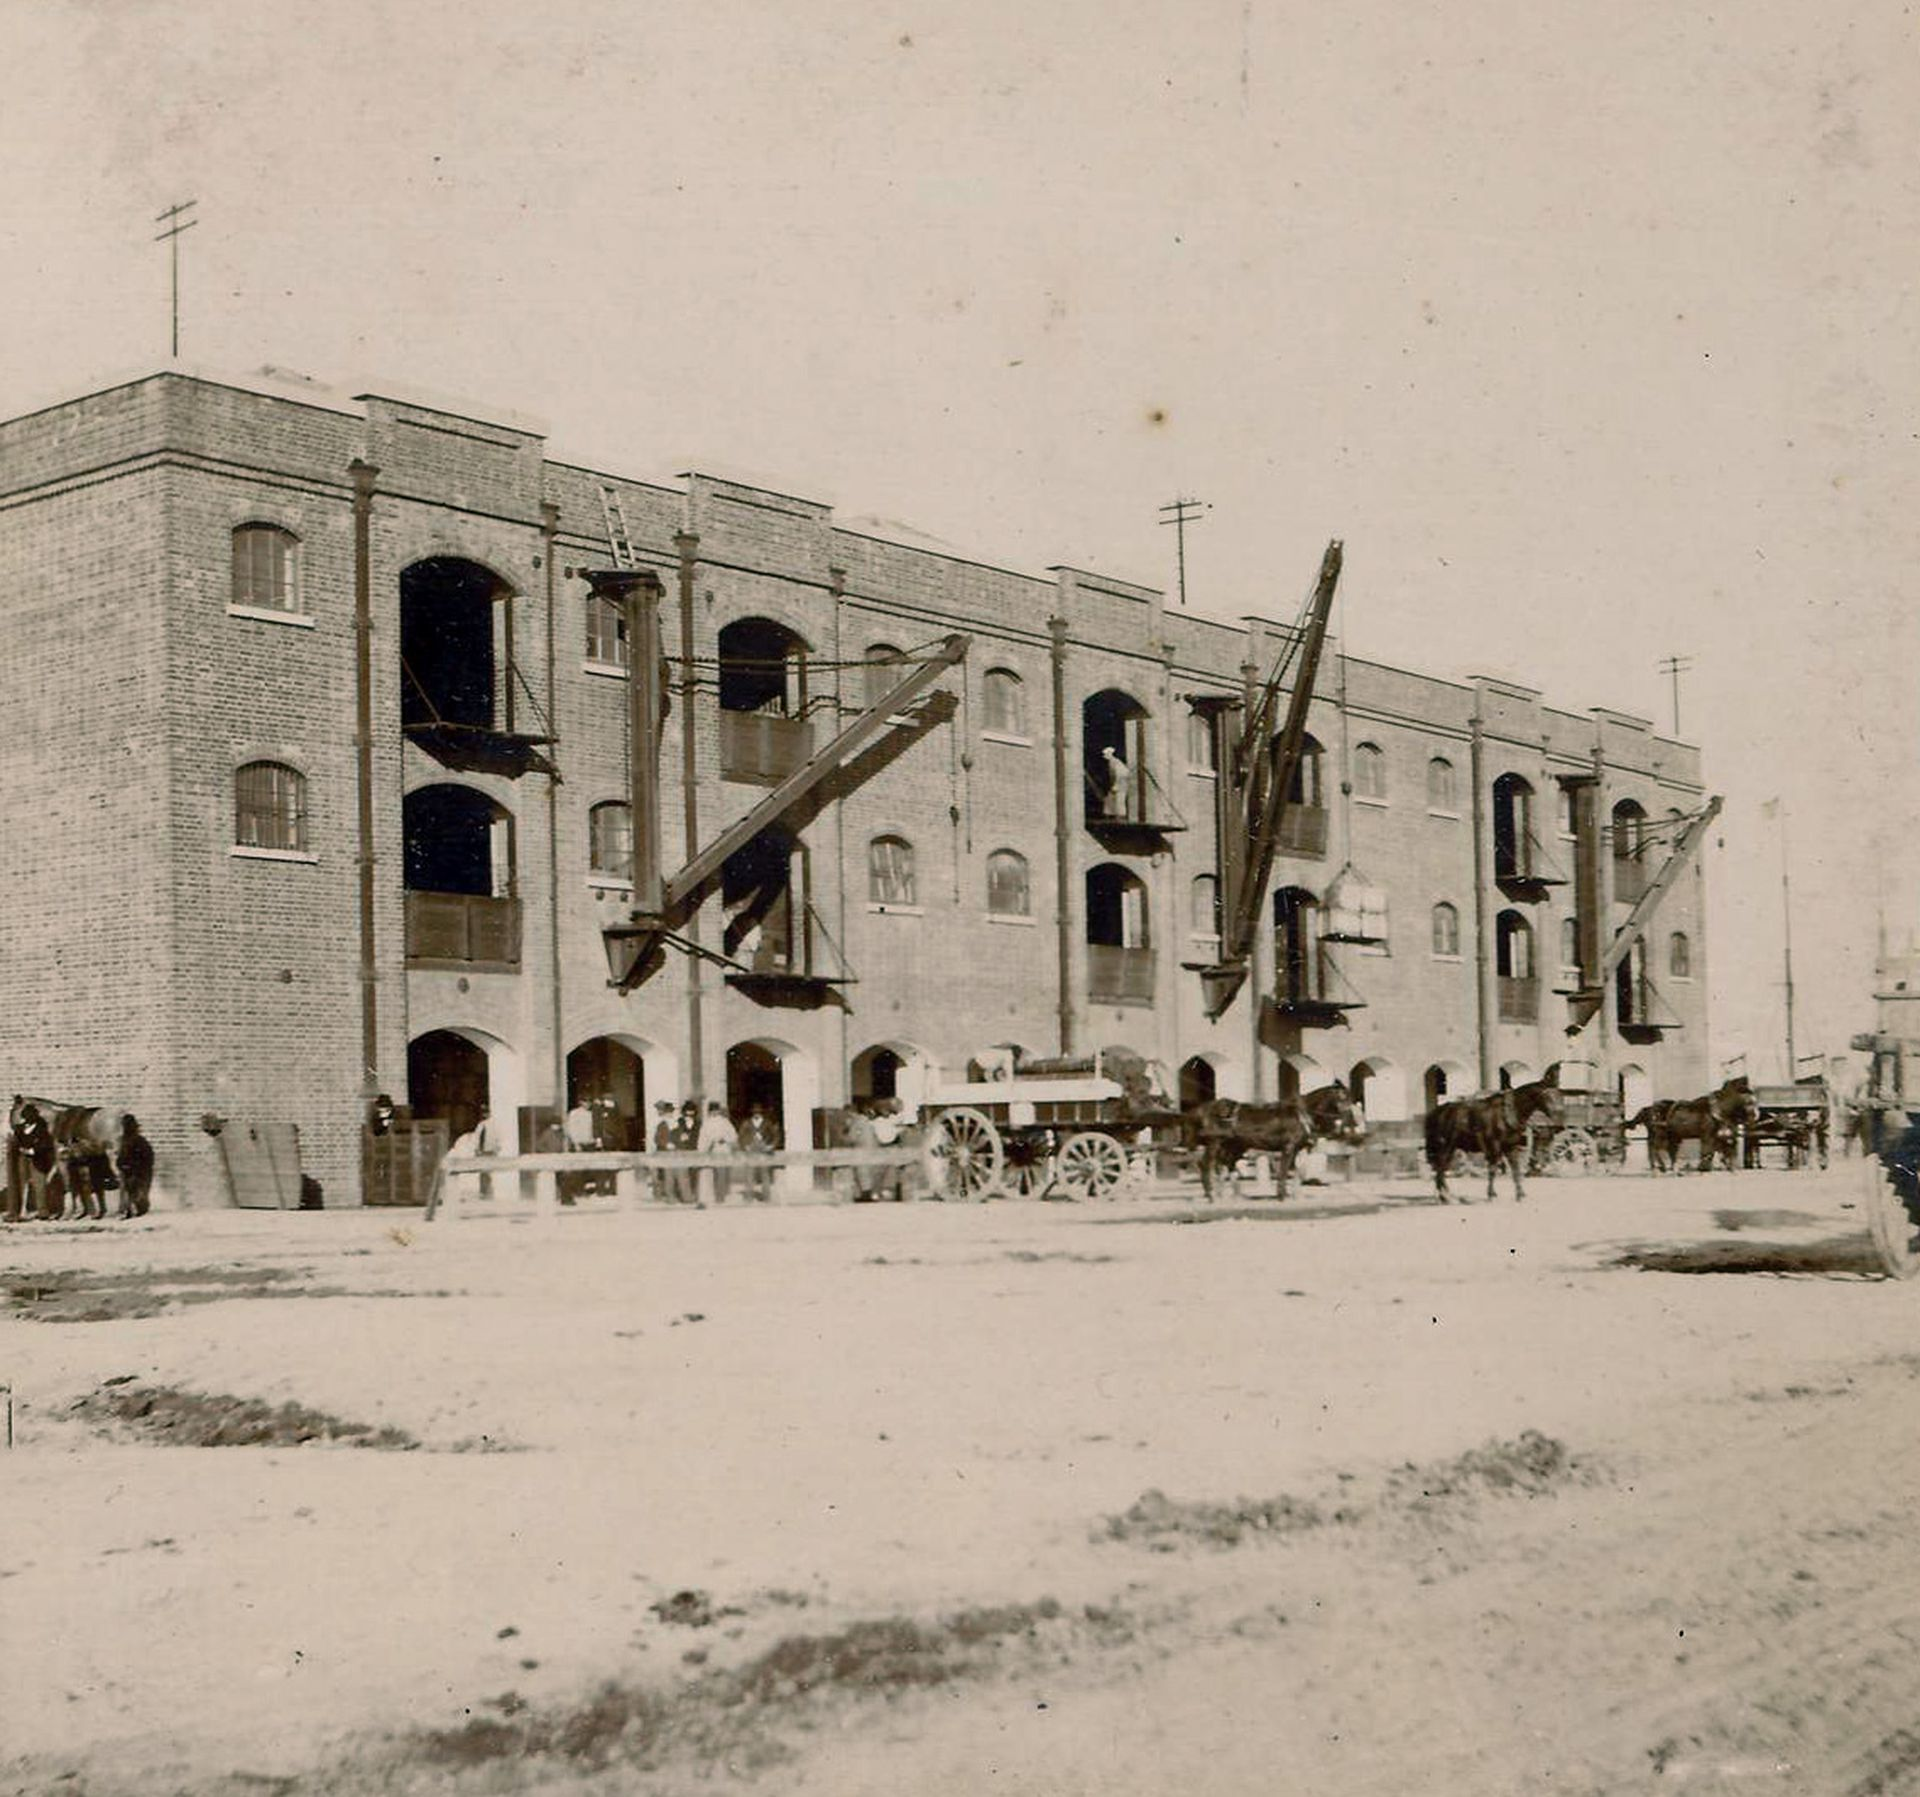 Los docks de Puerto Madero. Quedaron abandonados decenas de años, hasta que , en los años 90, fueron reconvertidos en un distrito cotizado de la ciudad de Buenos Aires.